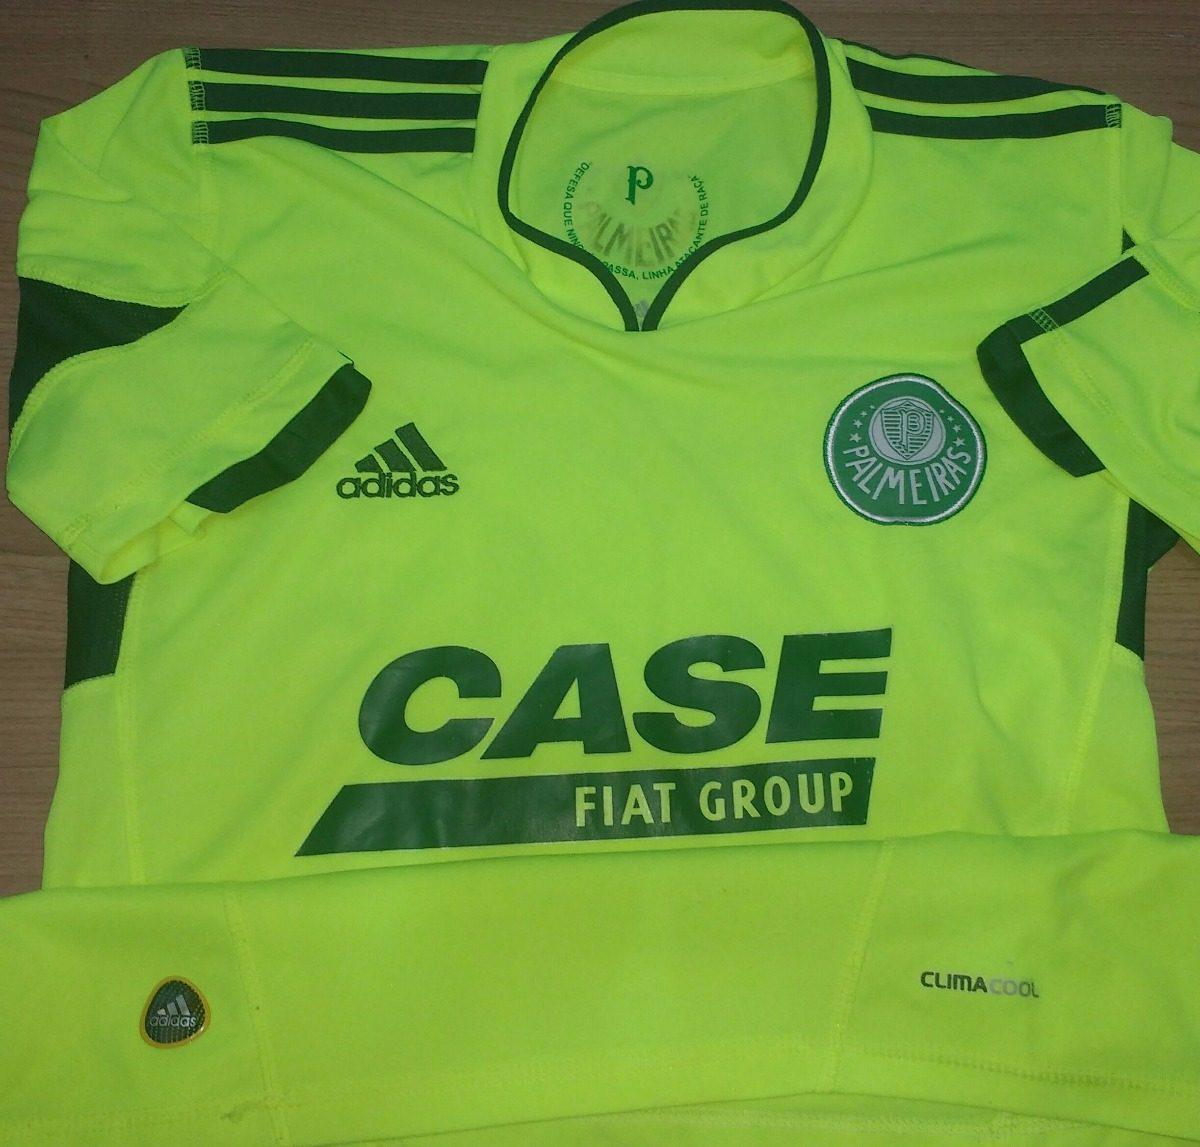 camisa do palmeiras verde limão adidas fiat case - 38. Carregando zoom. 6a380767e7d4a